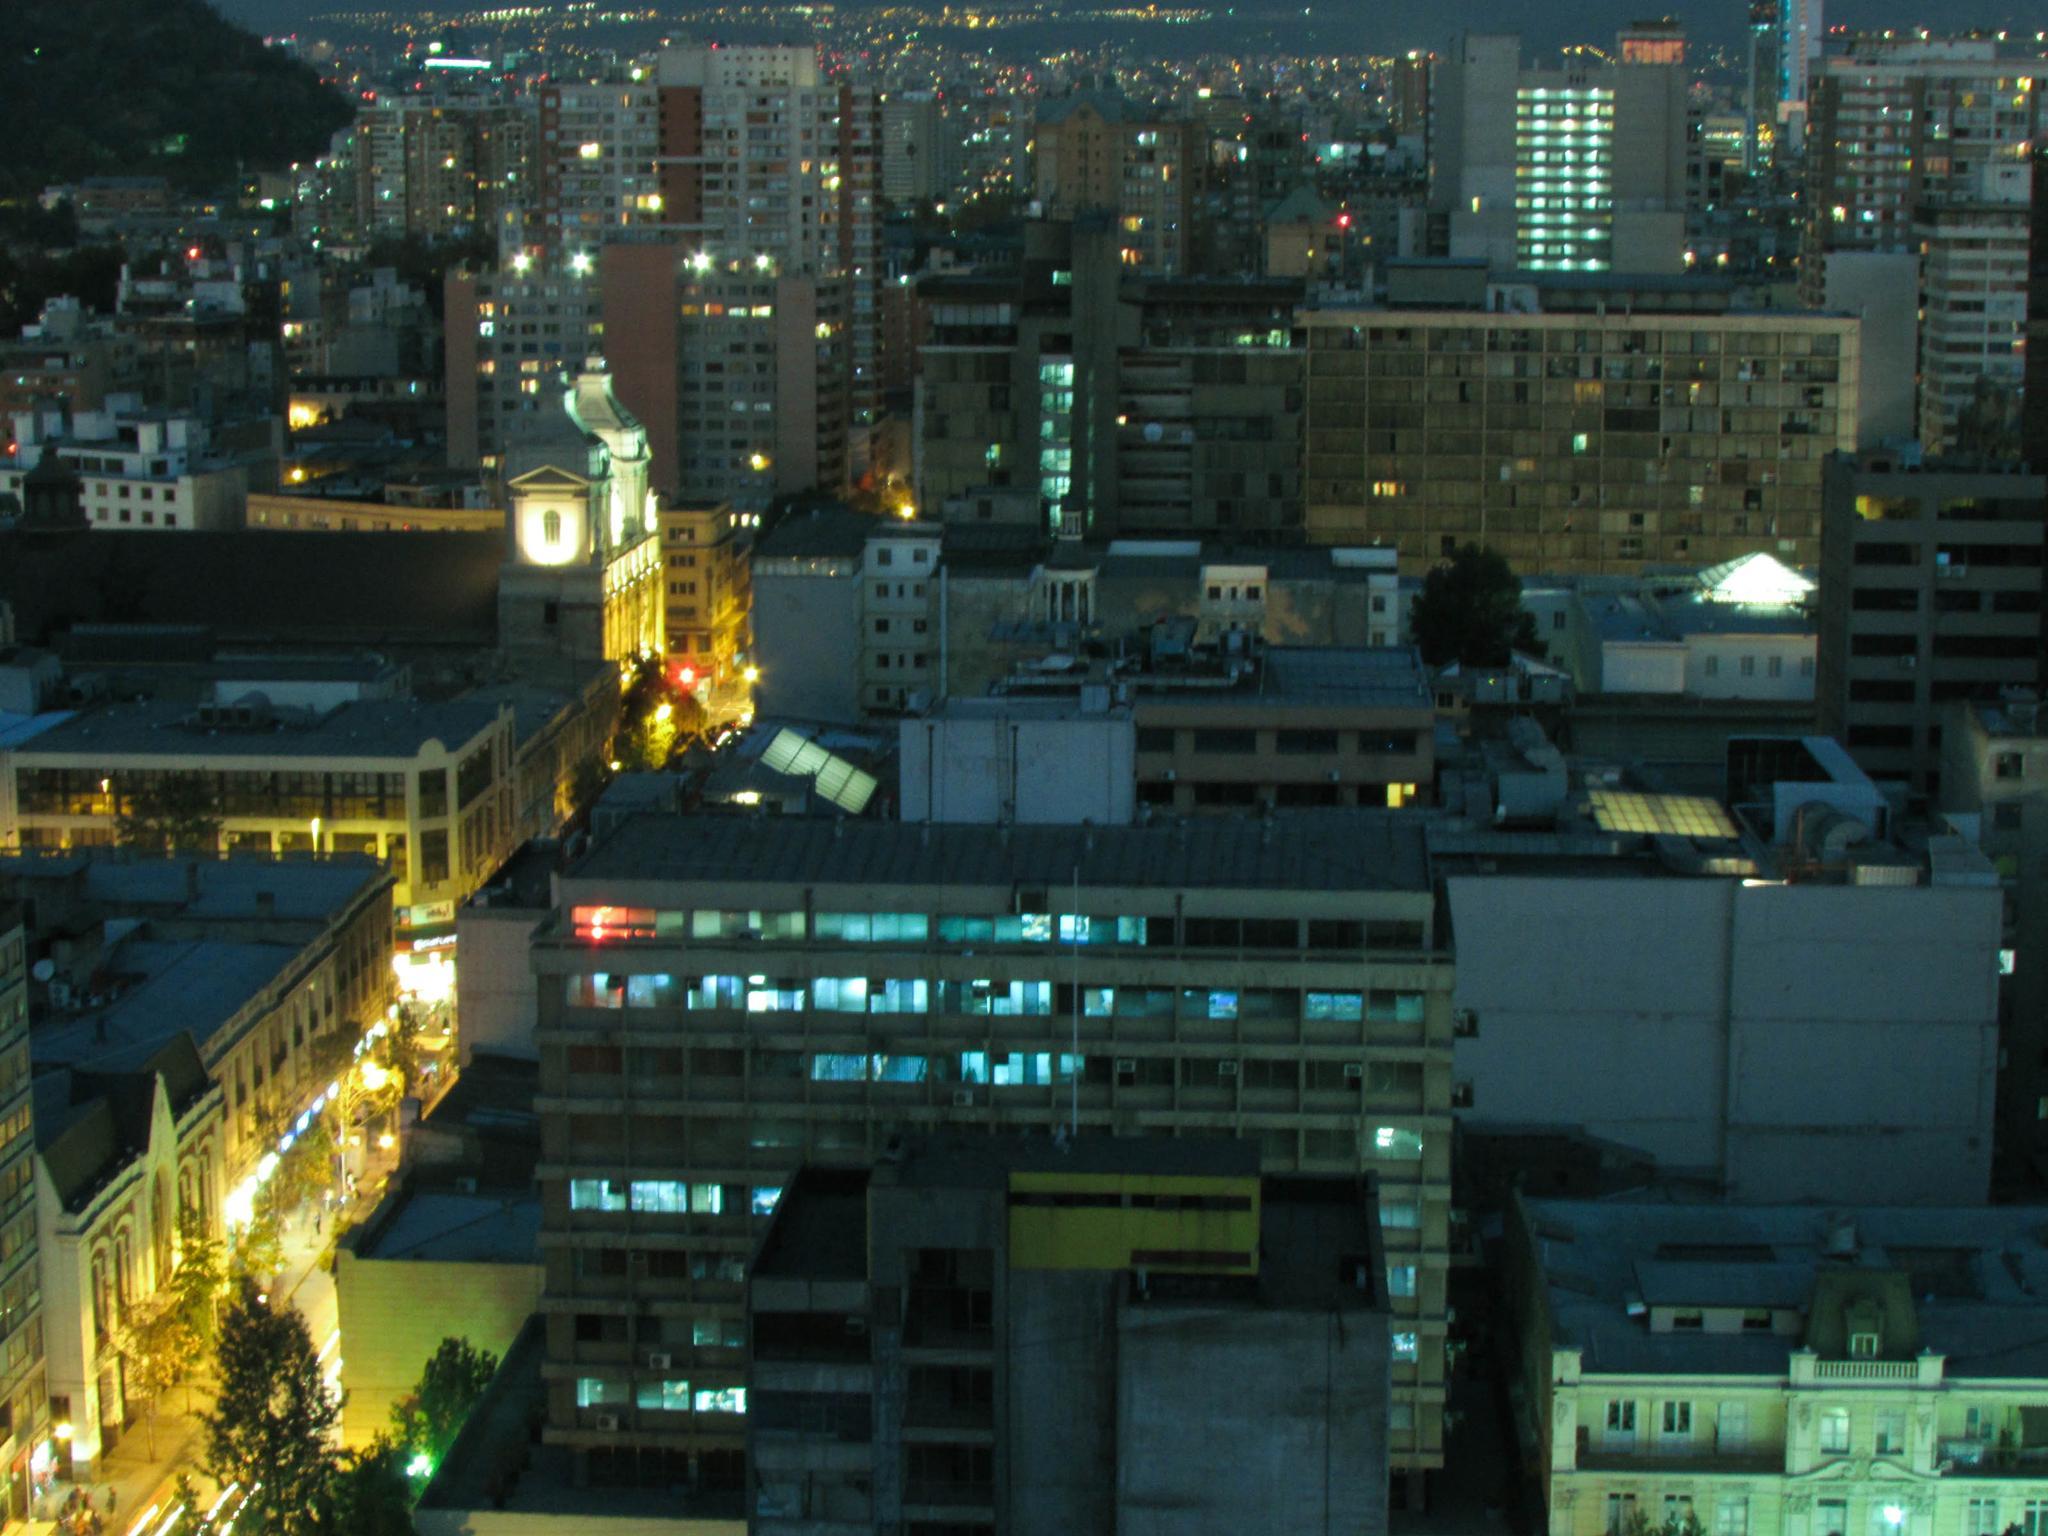 Centro Civico by Claudio Quiroz C.